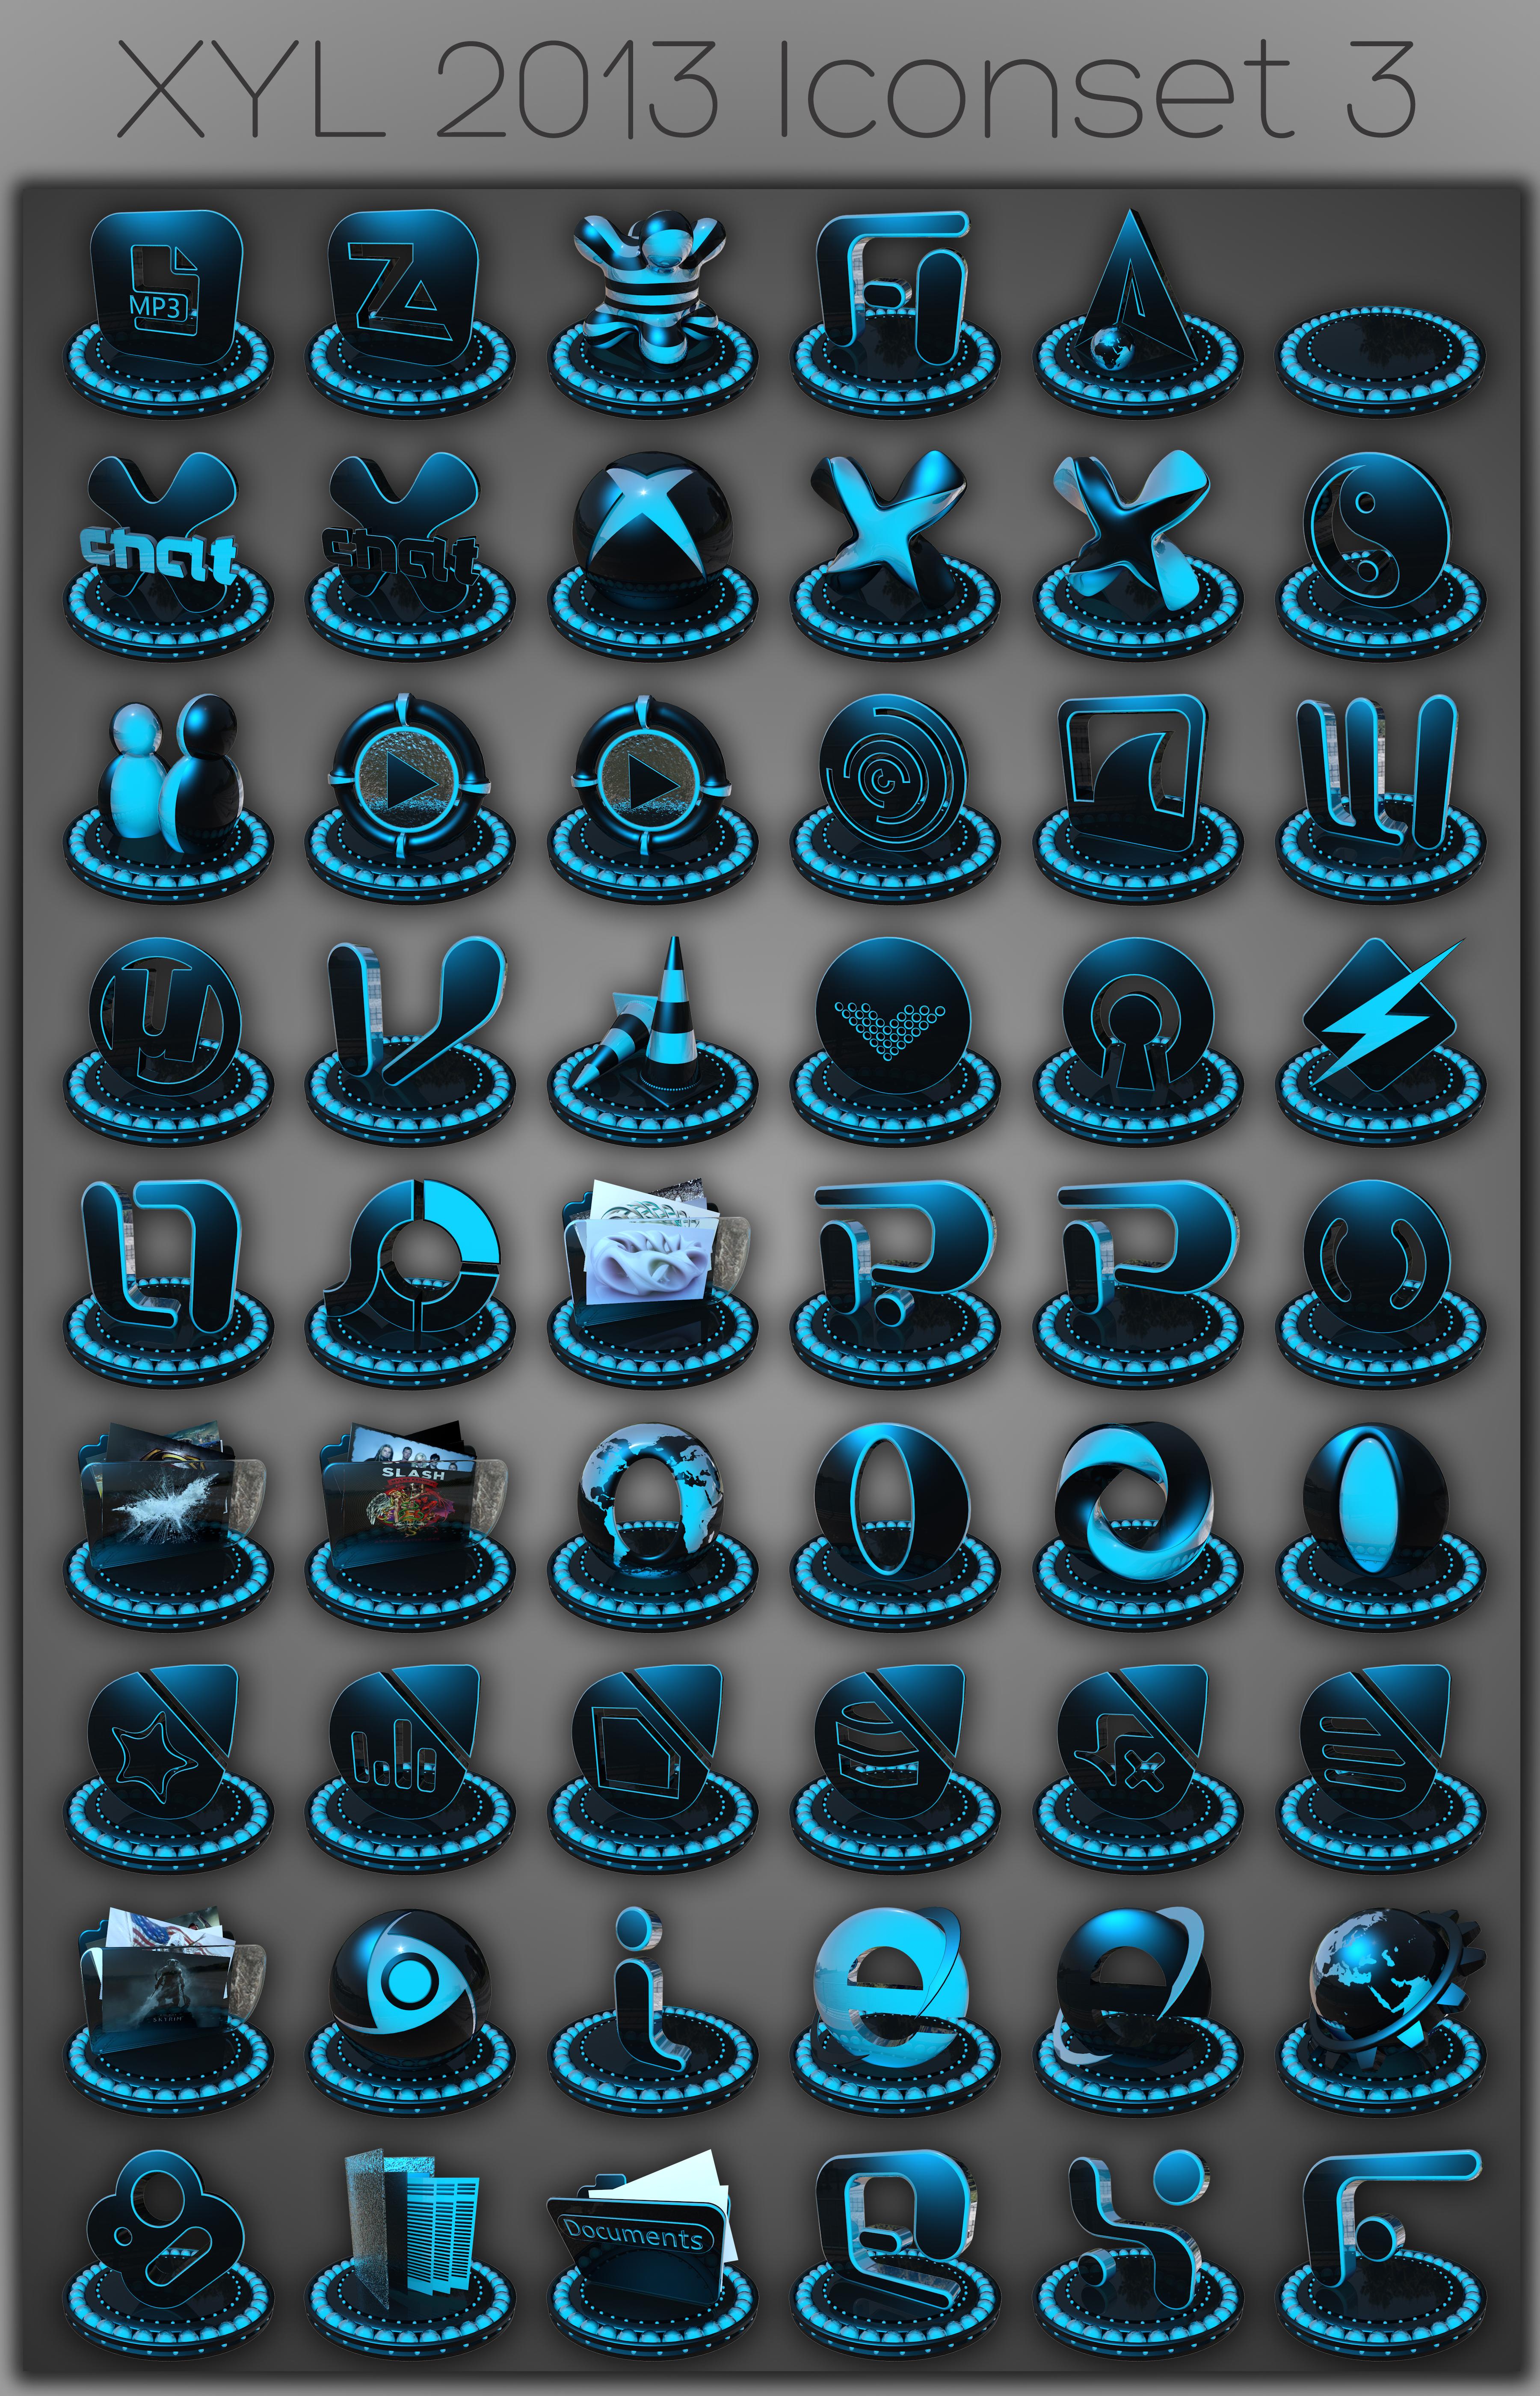 XYL 2013 Iconset 3 by xylomon